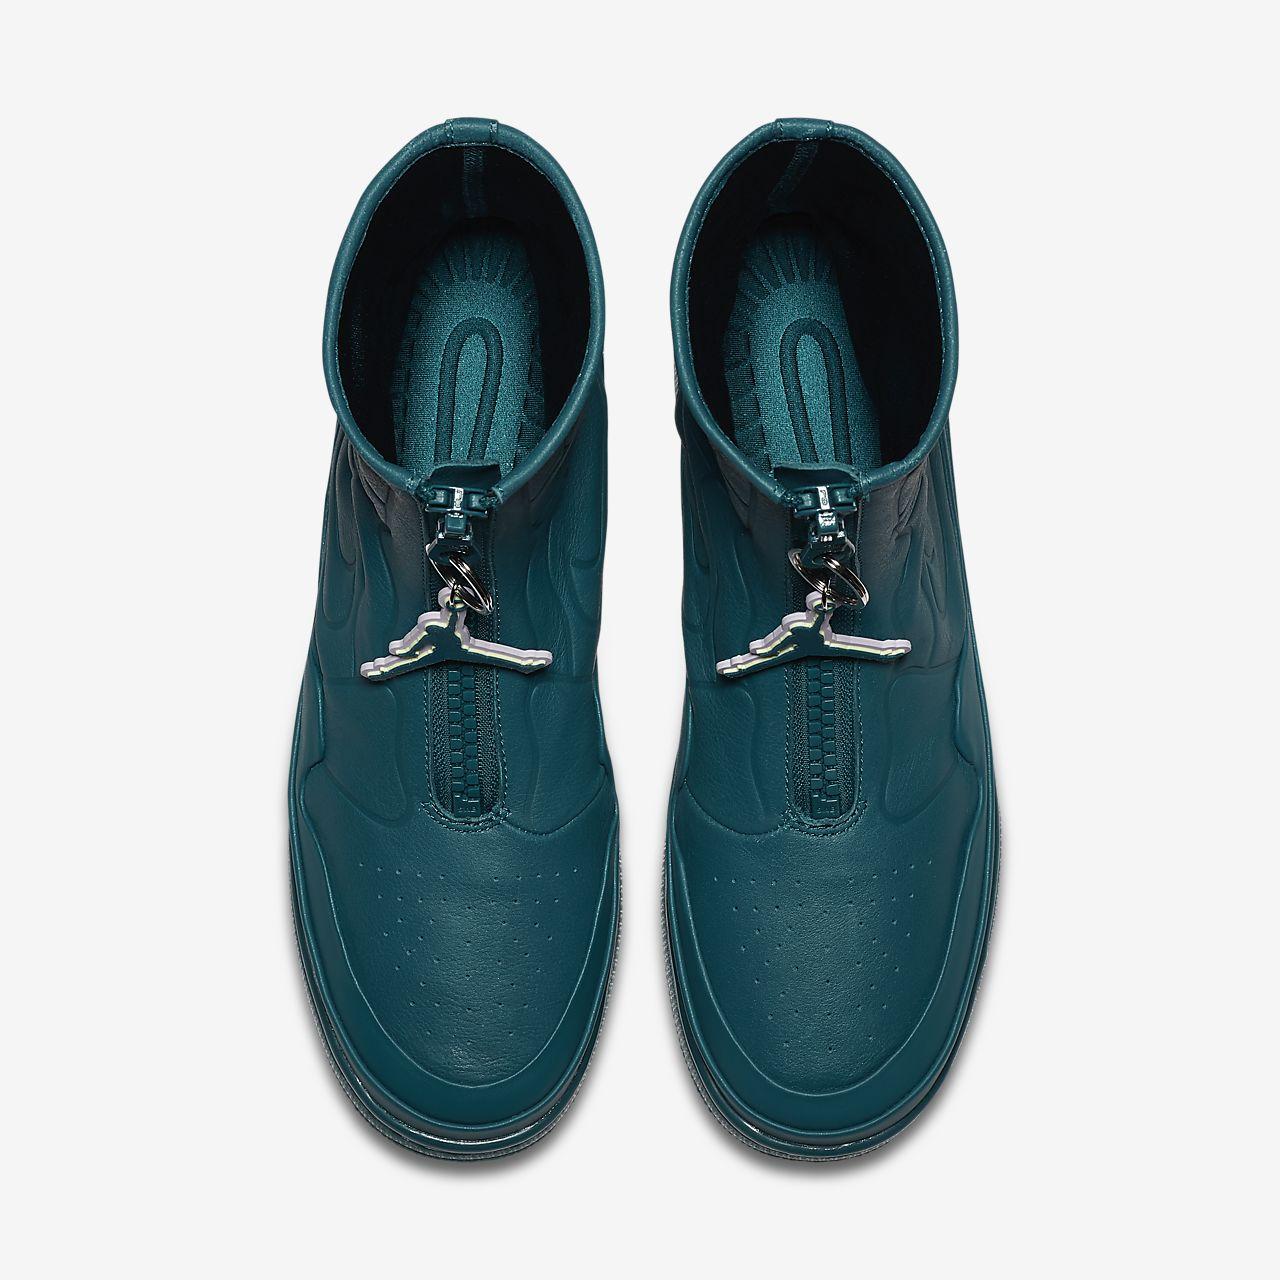 1163f856 Женские кроссовки Jordan AJ1 Jester XX. Nike.com RU